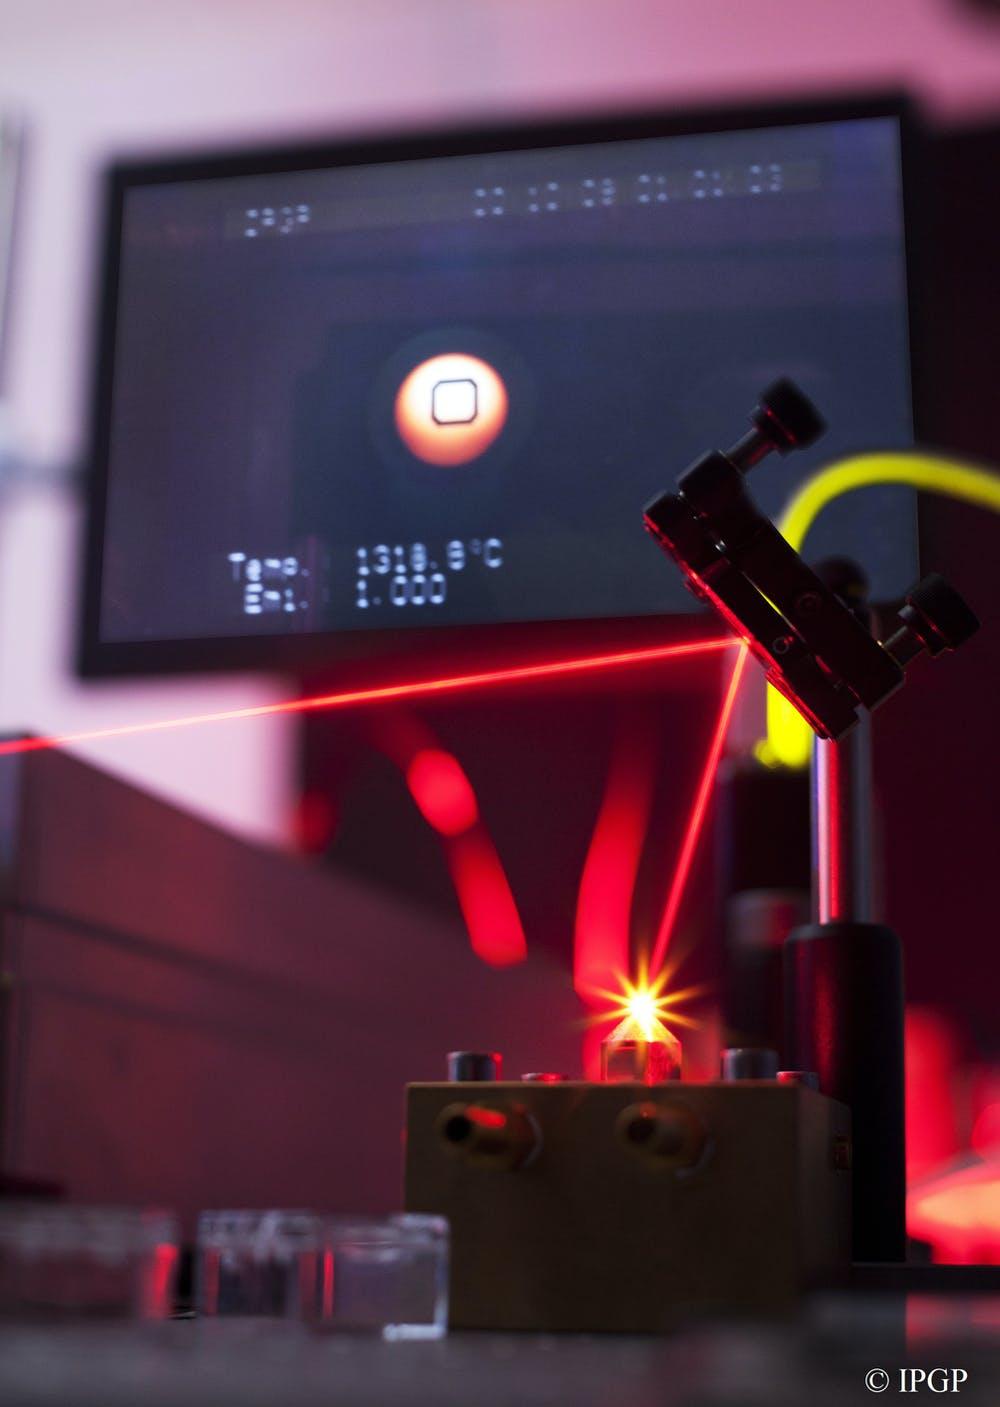 Dans les expériences, nous avons fait léviter un océan de magma miniature sur un flux de gaz, maintenu en fusion par la chaleur d'un laser puissant.  Cela nous a permis de calibrer la réaction chimique entre le fer et l'oxygène dans le magma et de la relier à la composition de l'atmosphère.